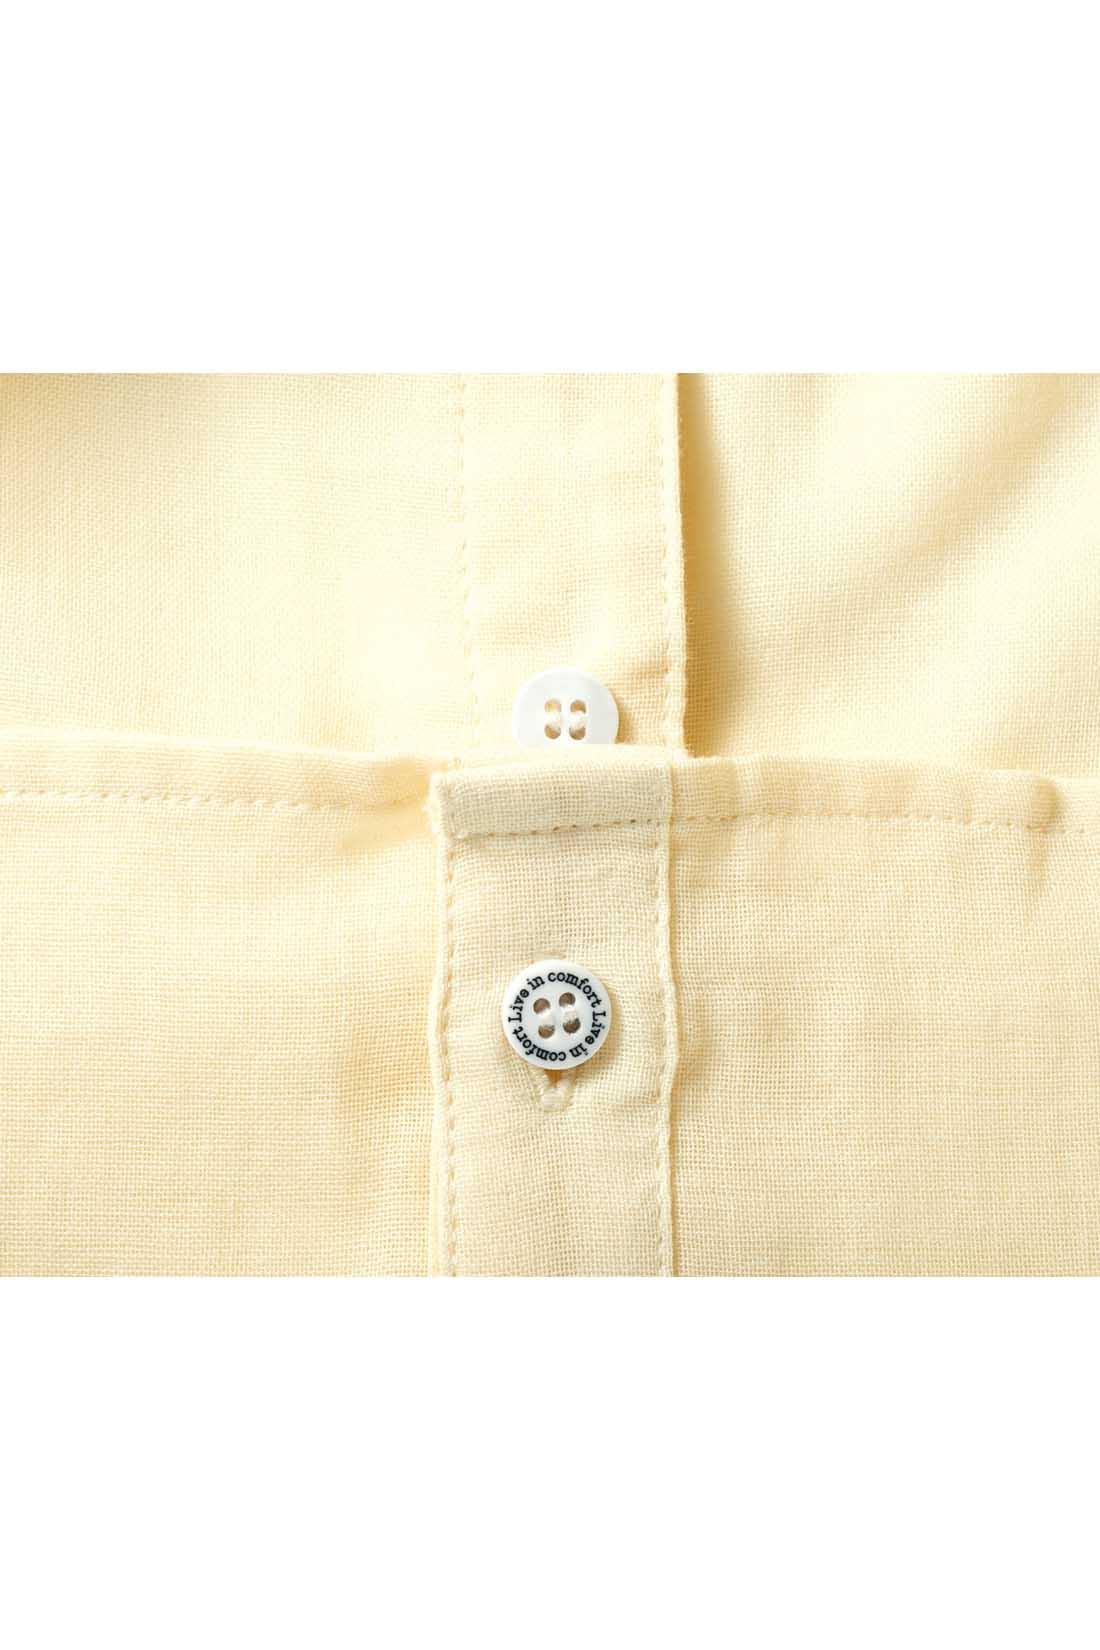 留めるとフロントイン風に見えるロールアップボタン付き。ウエストまわりがもたつかないから印象すっきり。 ※お届けするカラーとは異なります。